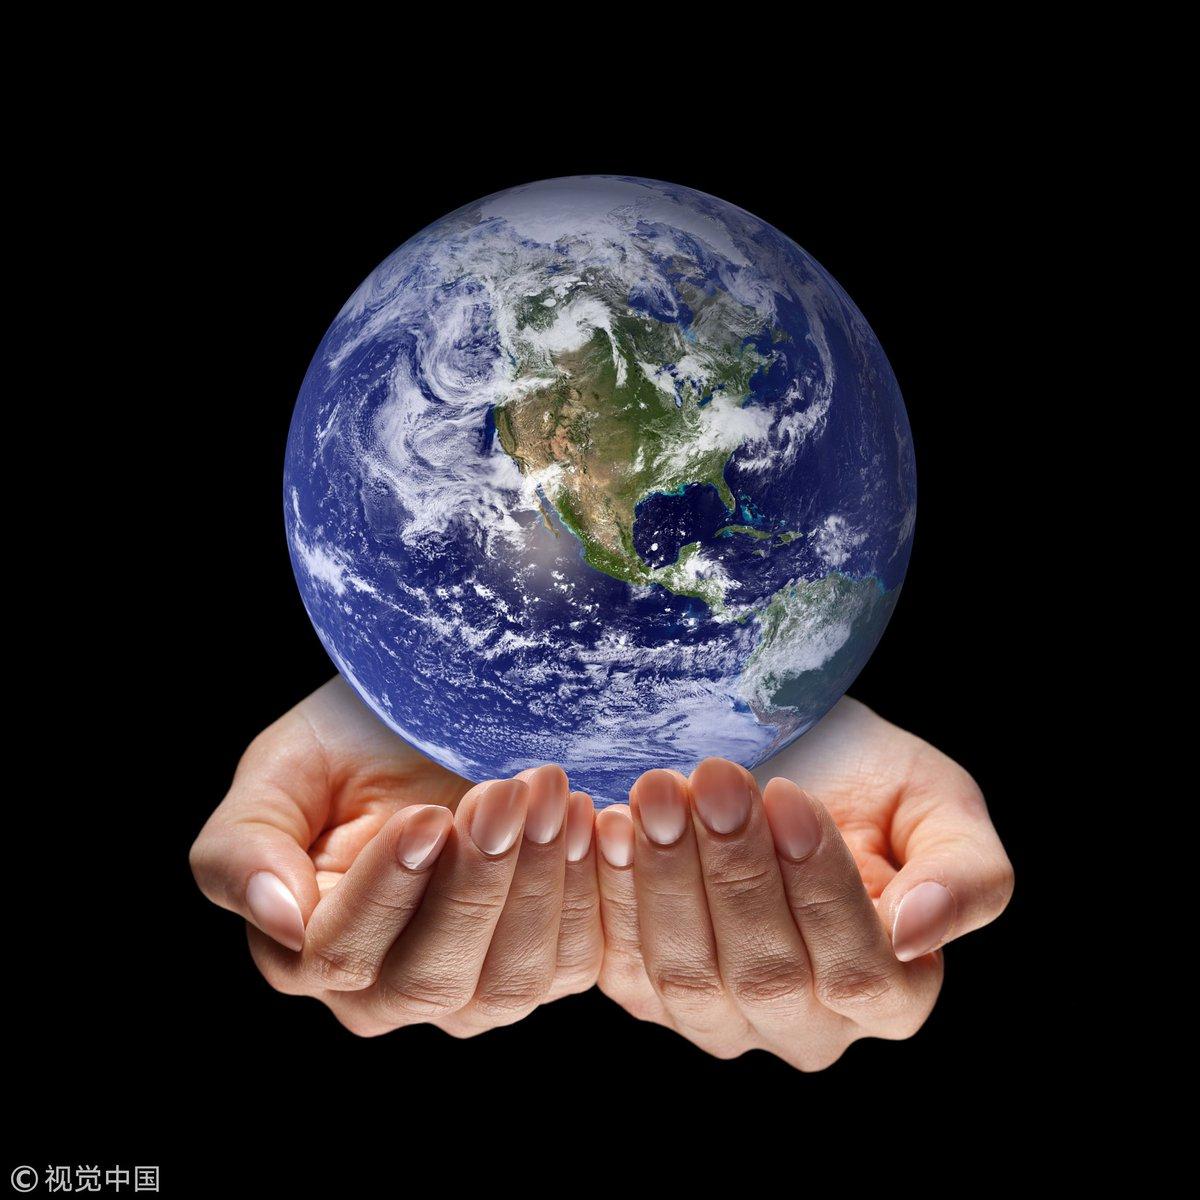 Картинка земля в женских руках вызывают